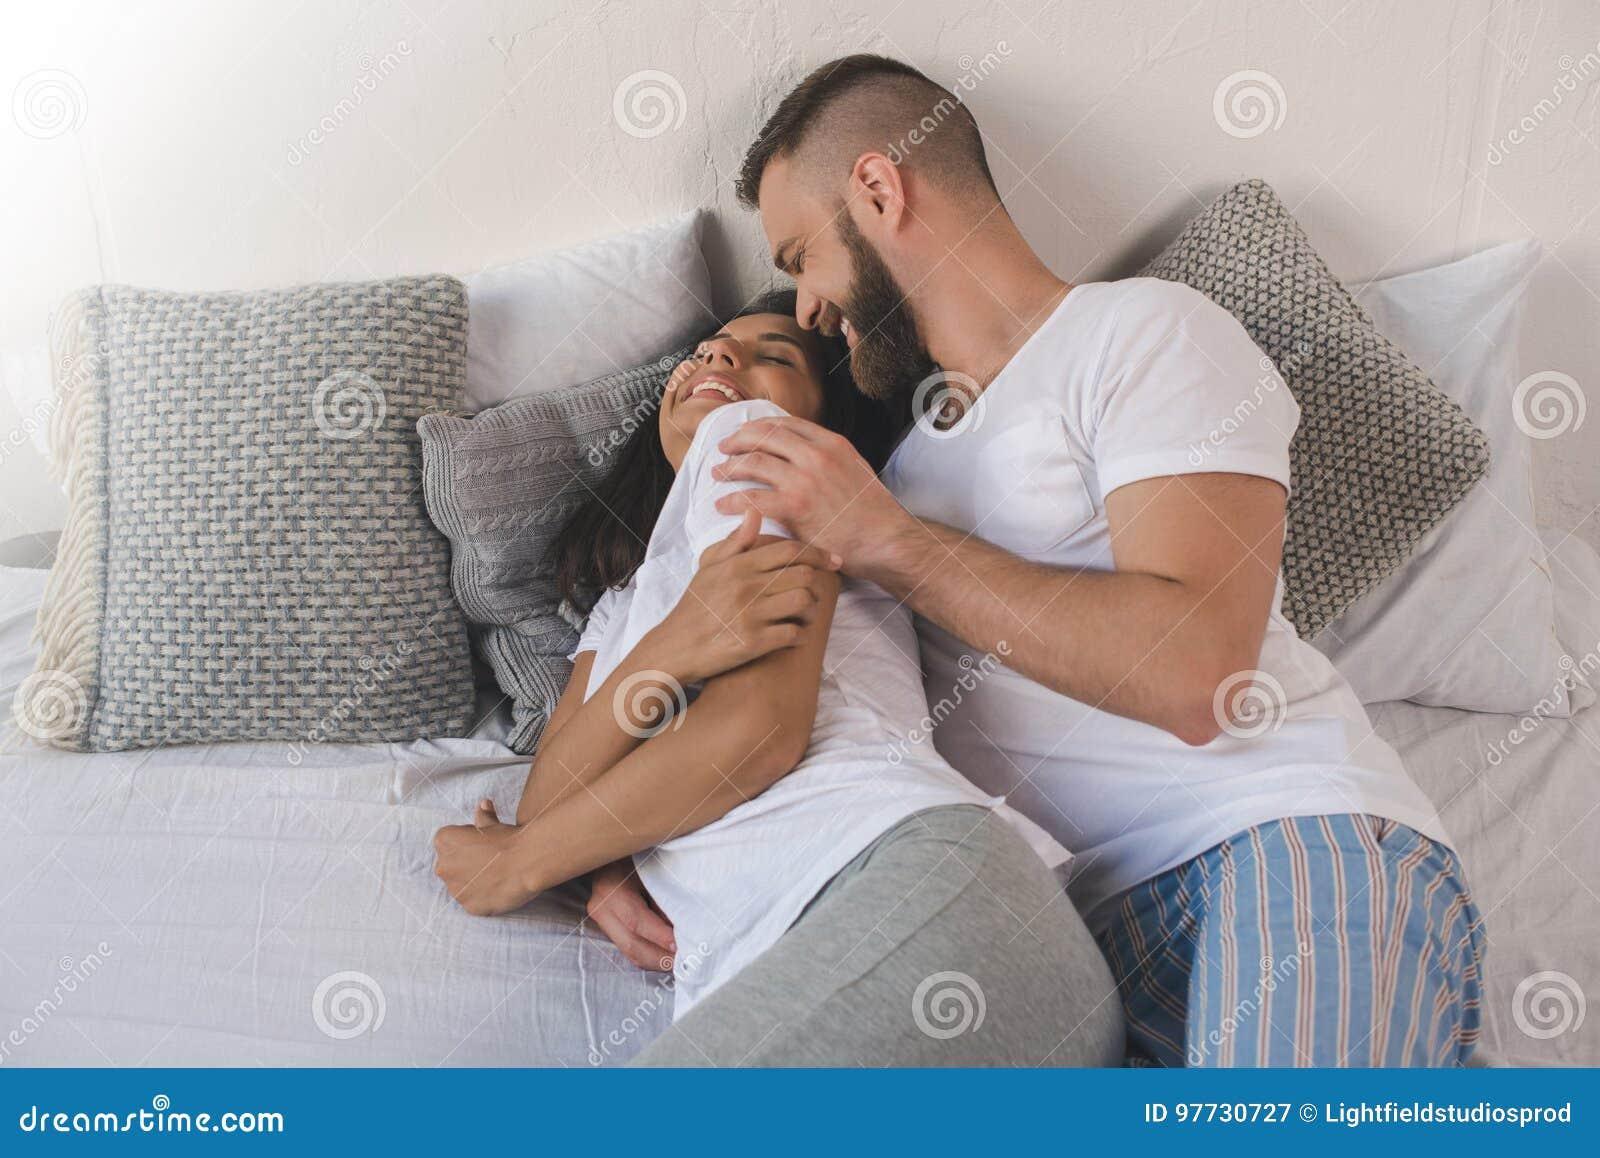 старики целуются и обнимаются в постели - 2